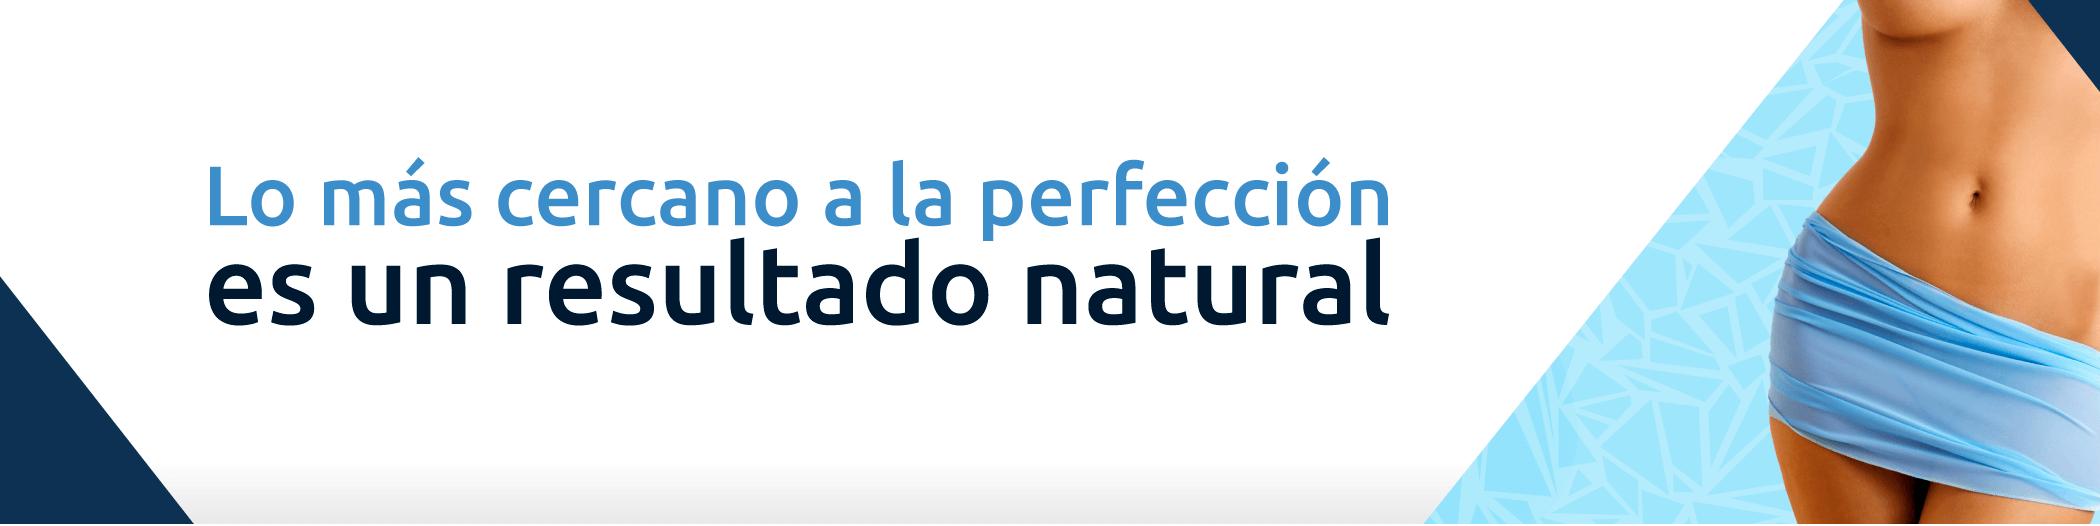 Lo más cercano a la perfección es un resultado natural | CECM Colombia - Dr. Álvaro Hernán Rodriguez